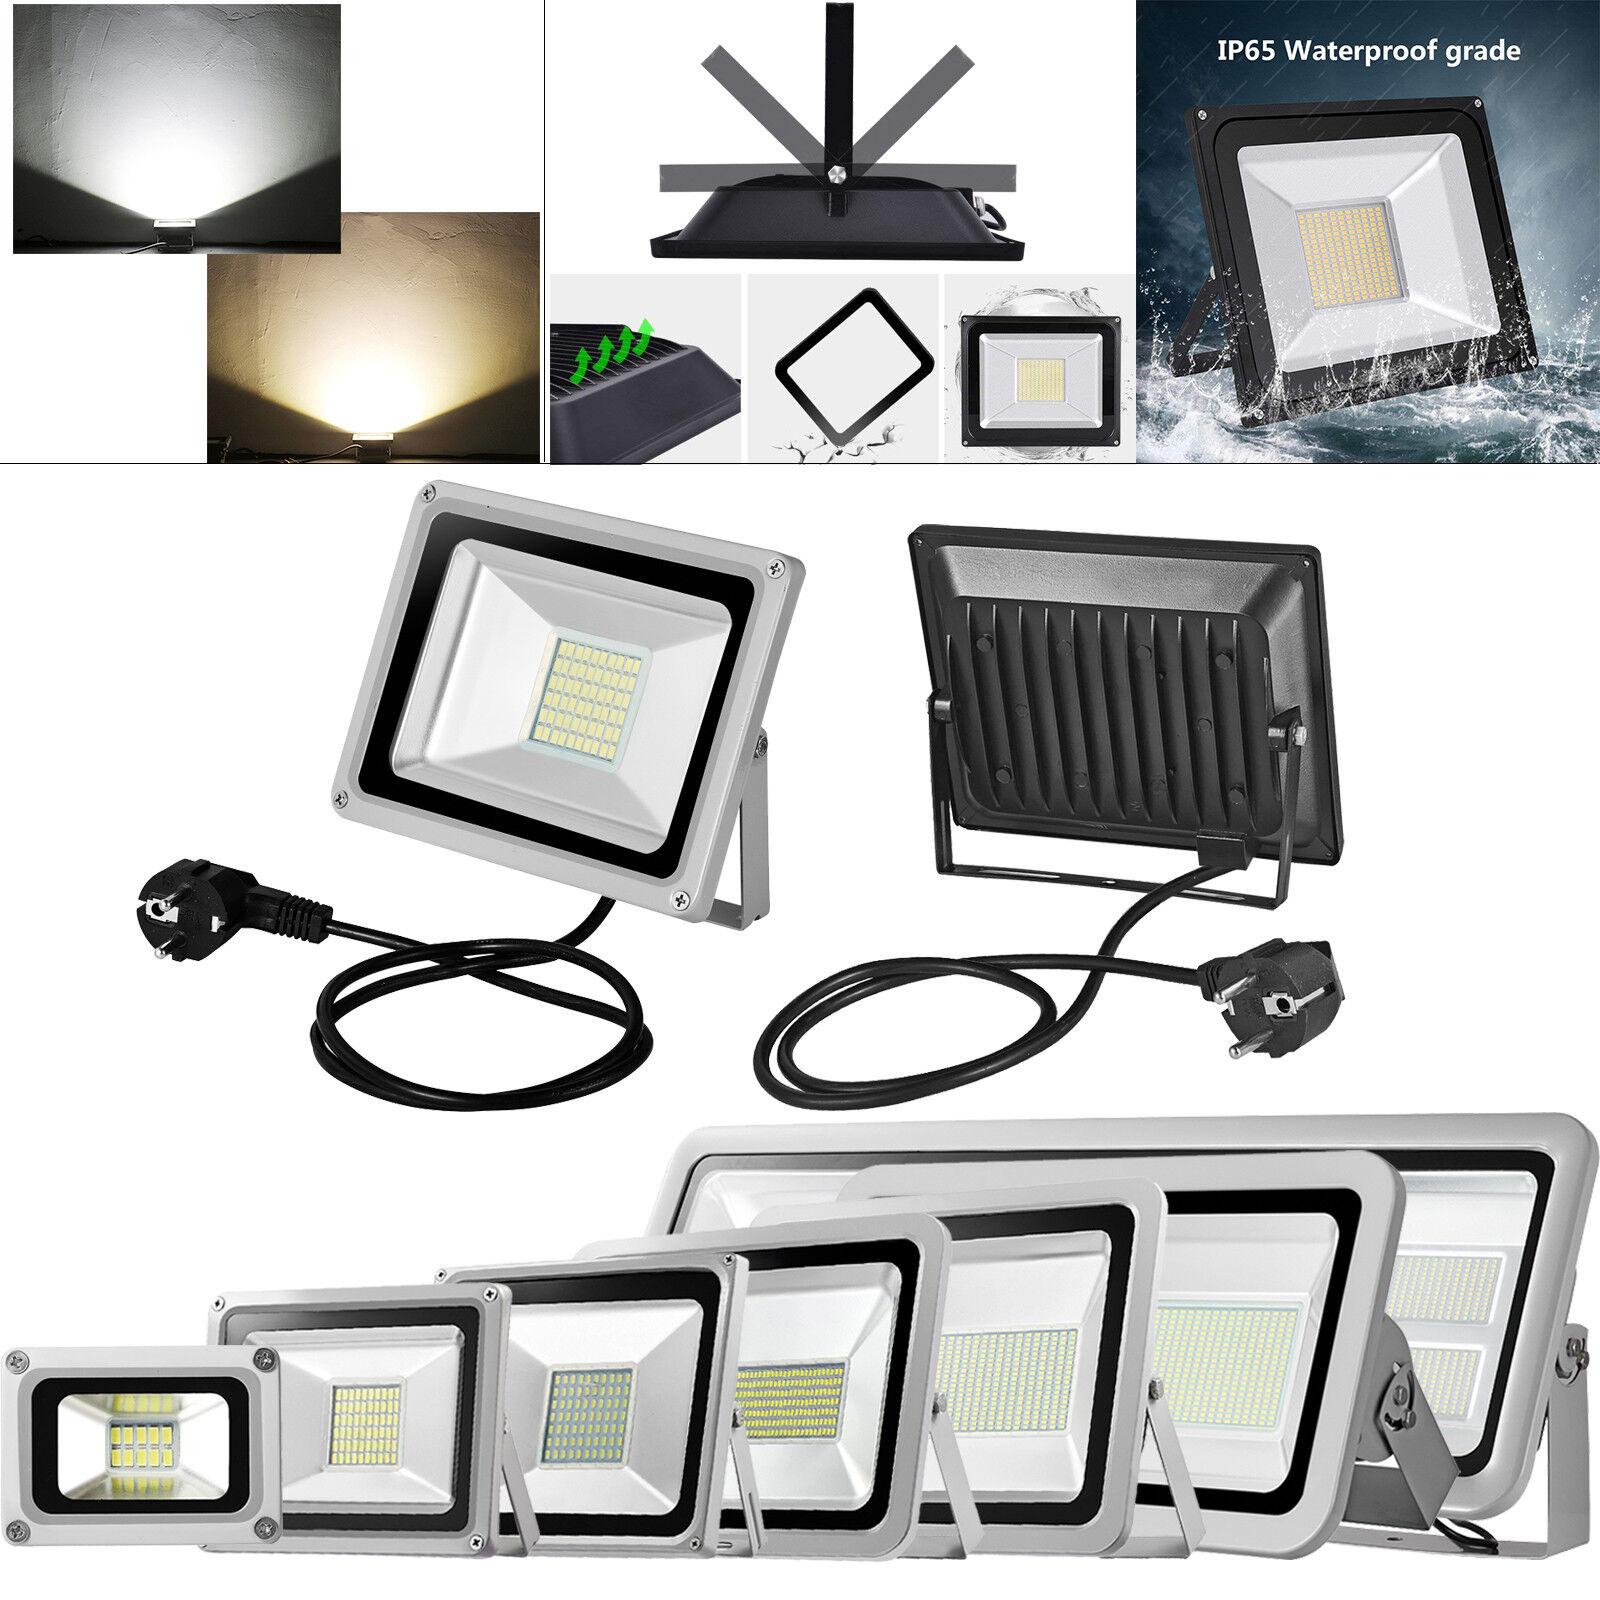 LED de 30w 50w 100w 1000w con enchufe detector de movimiento lámpara exterior emisor